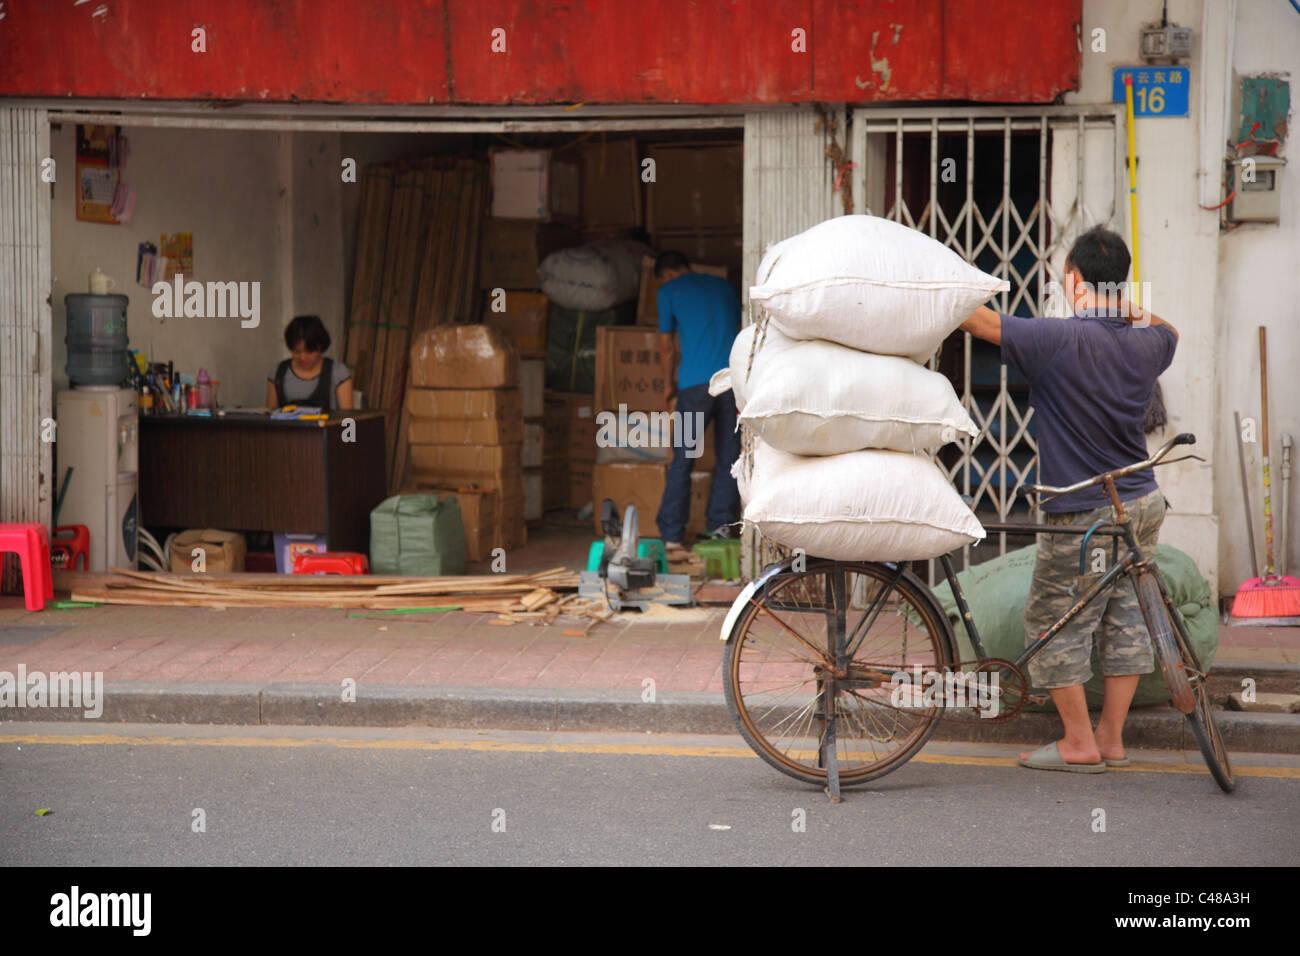 Säcke des Produkts auf dem Fahrrad außerhalb Markt, Guangzhou, China Stockbild